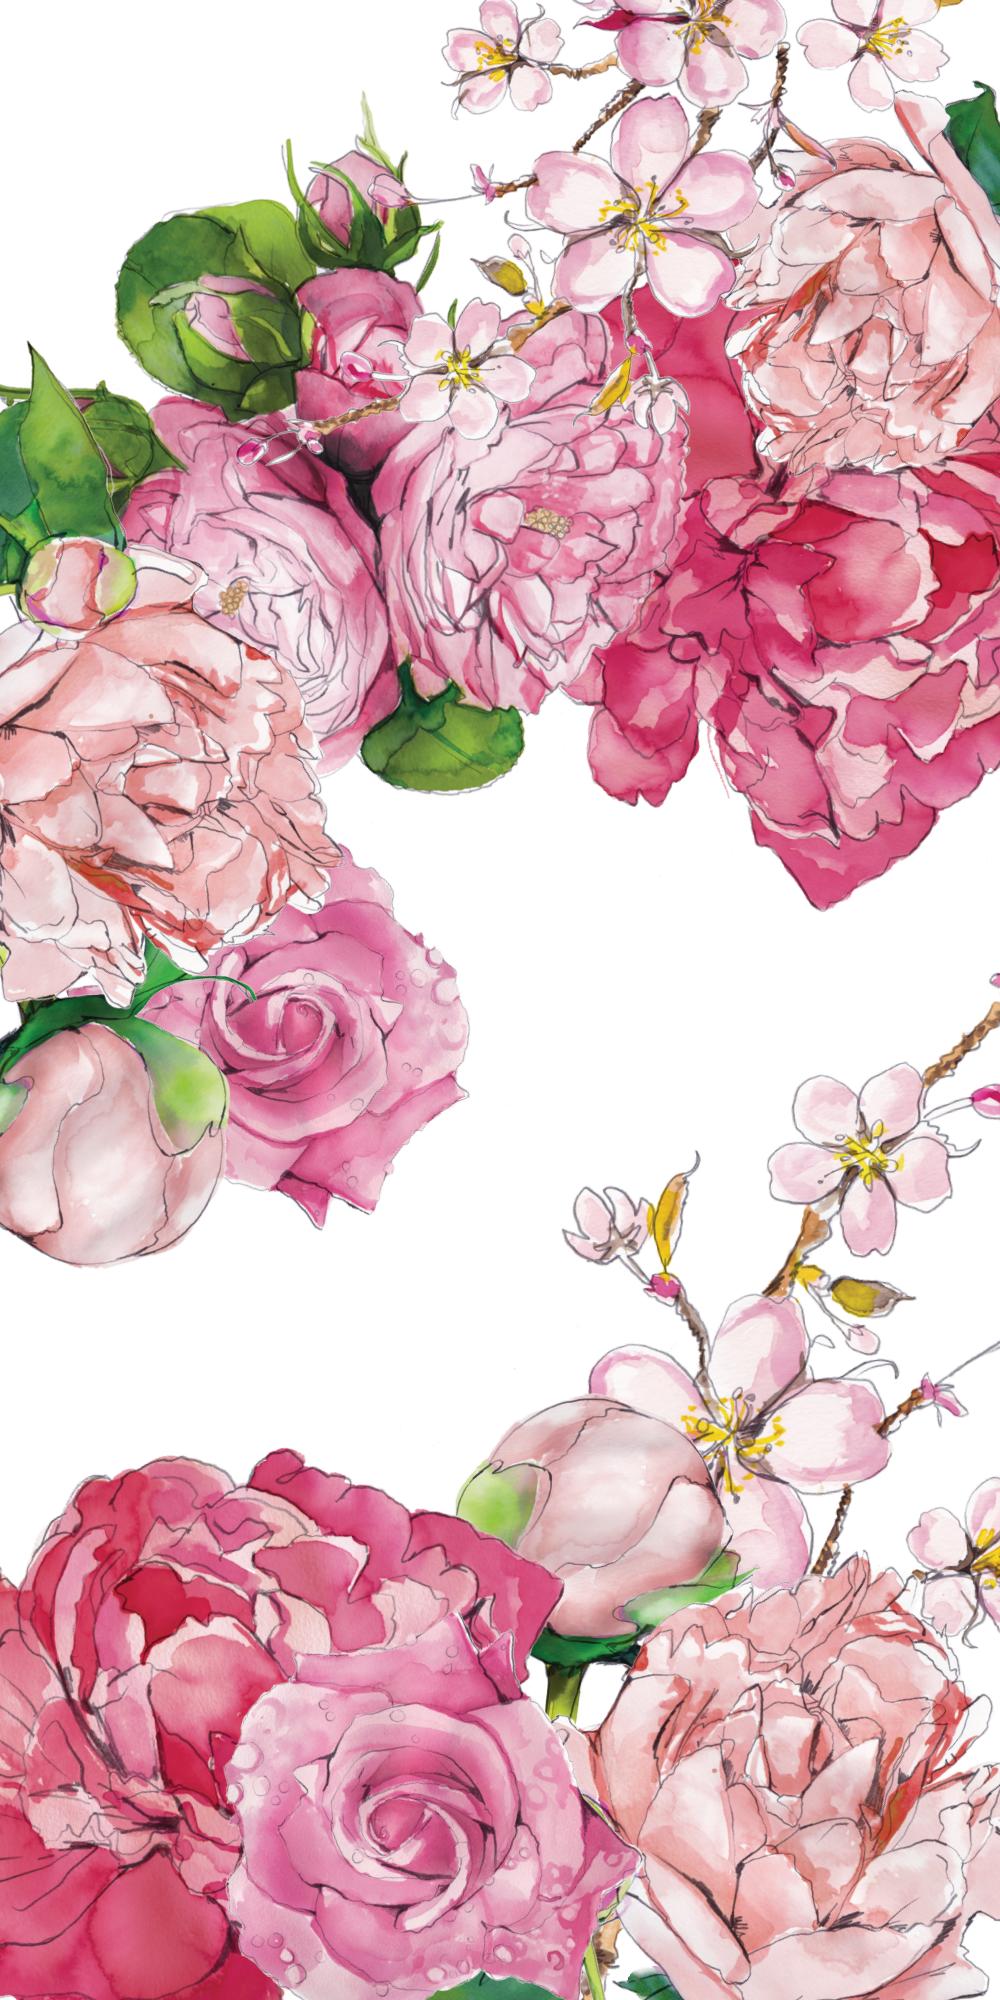 Pink Floral Casetify Iphone Art Design Illustration Flowers Flower Drawing Floral Wallpaper